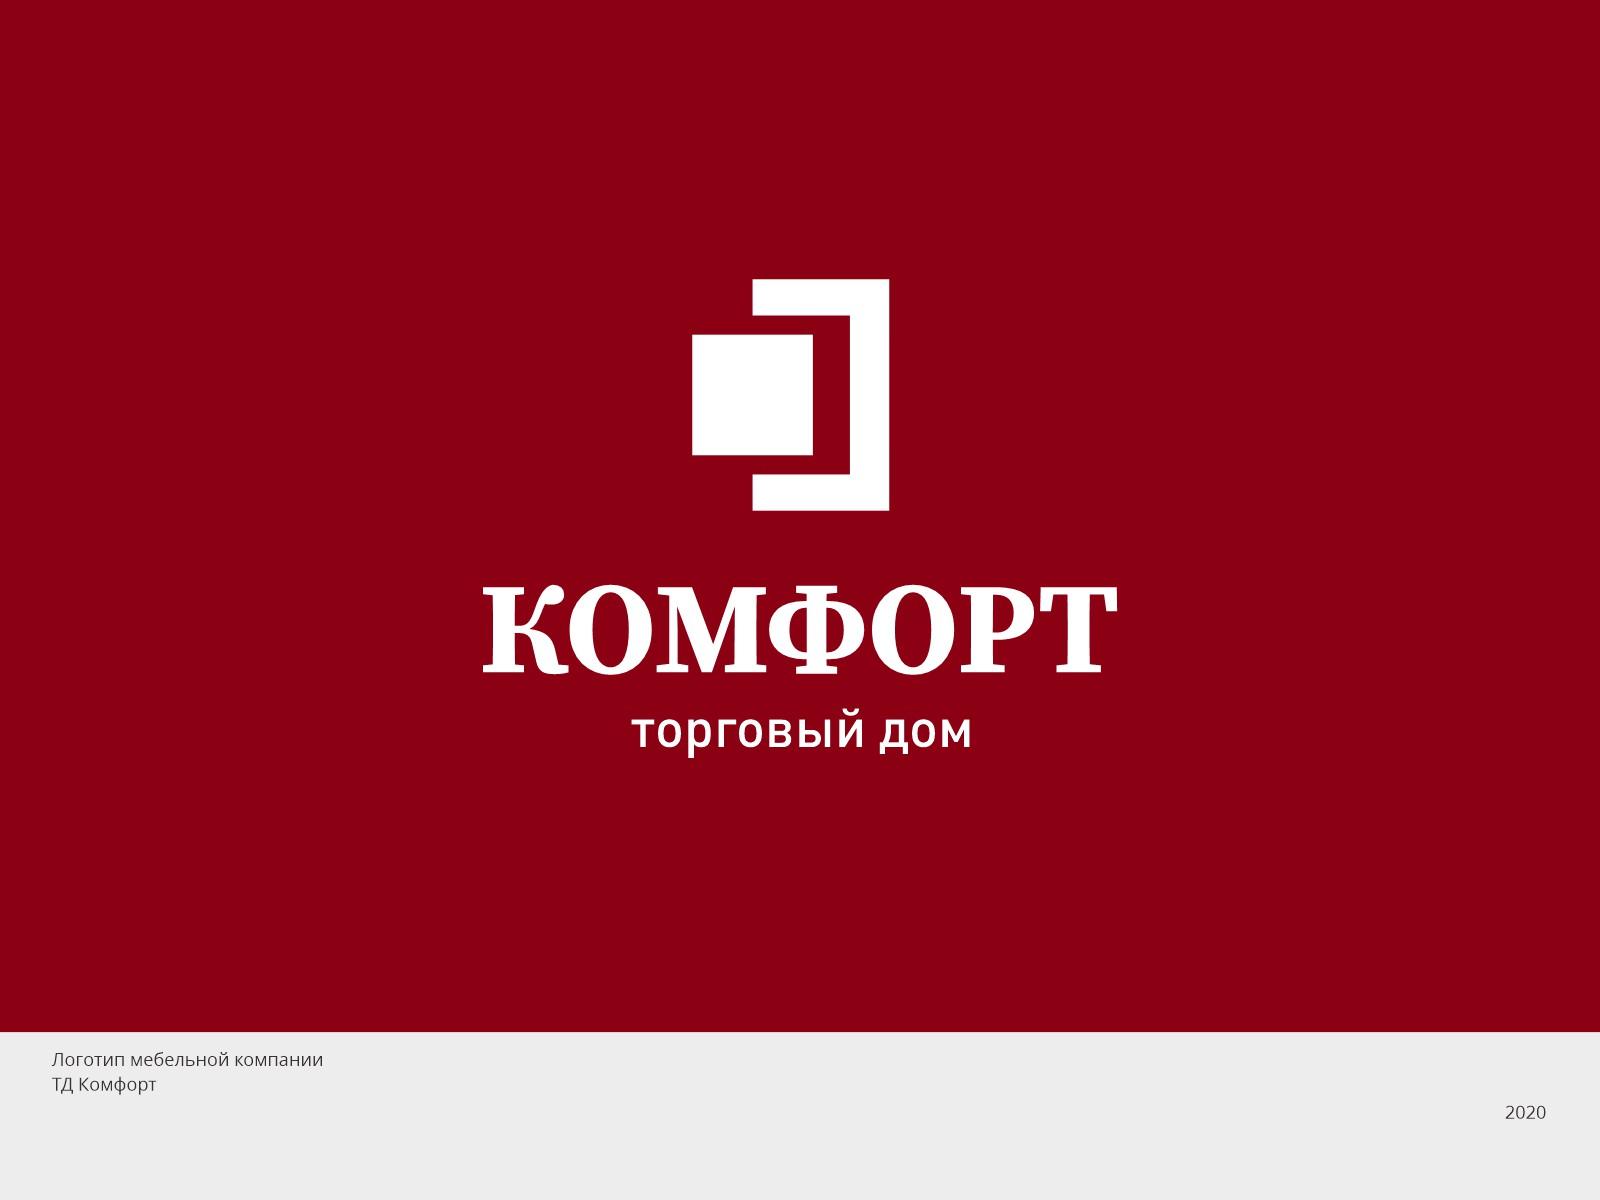 Логотип ТД Комфорт